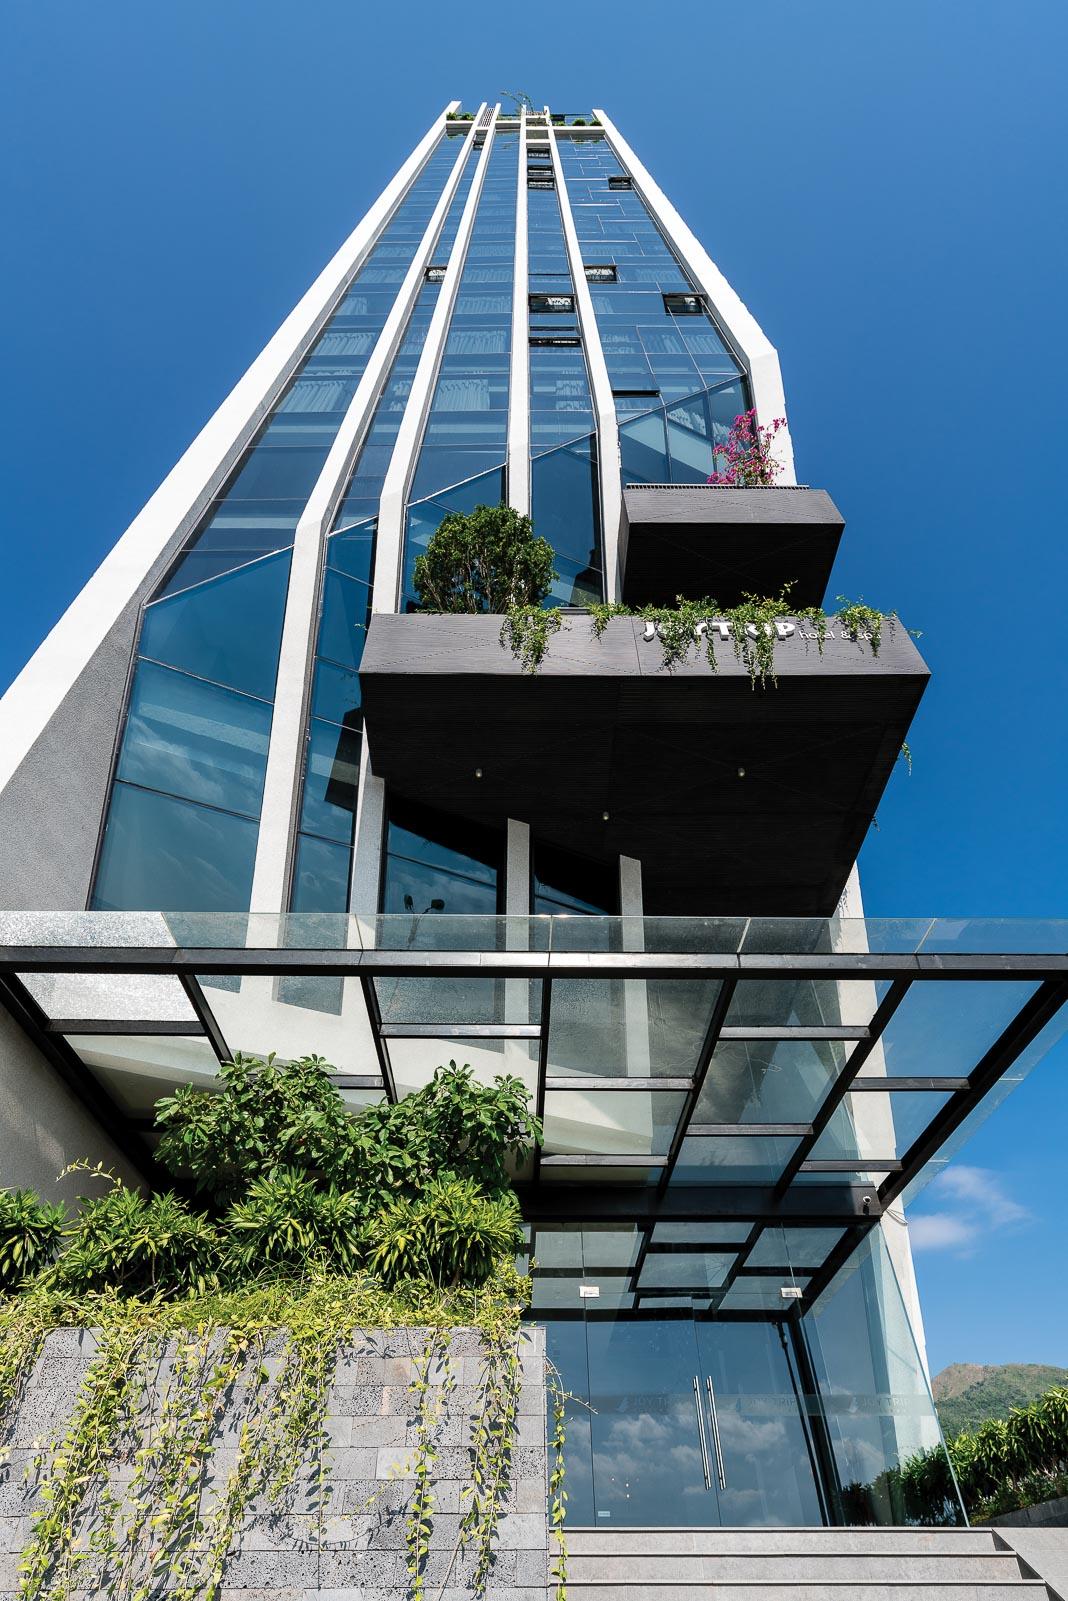 Joy Trip Nha Trang Hotel - một thiết kế vận dụng triết lý Cho và Nhận của Phật giáo do HML Architecture thực hiện 2